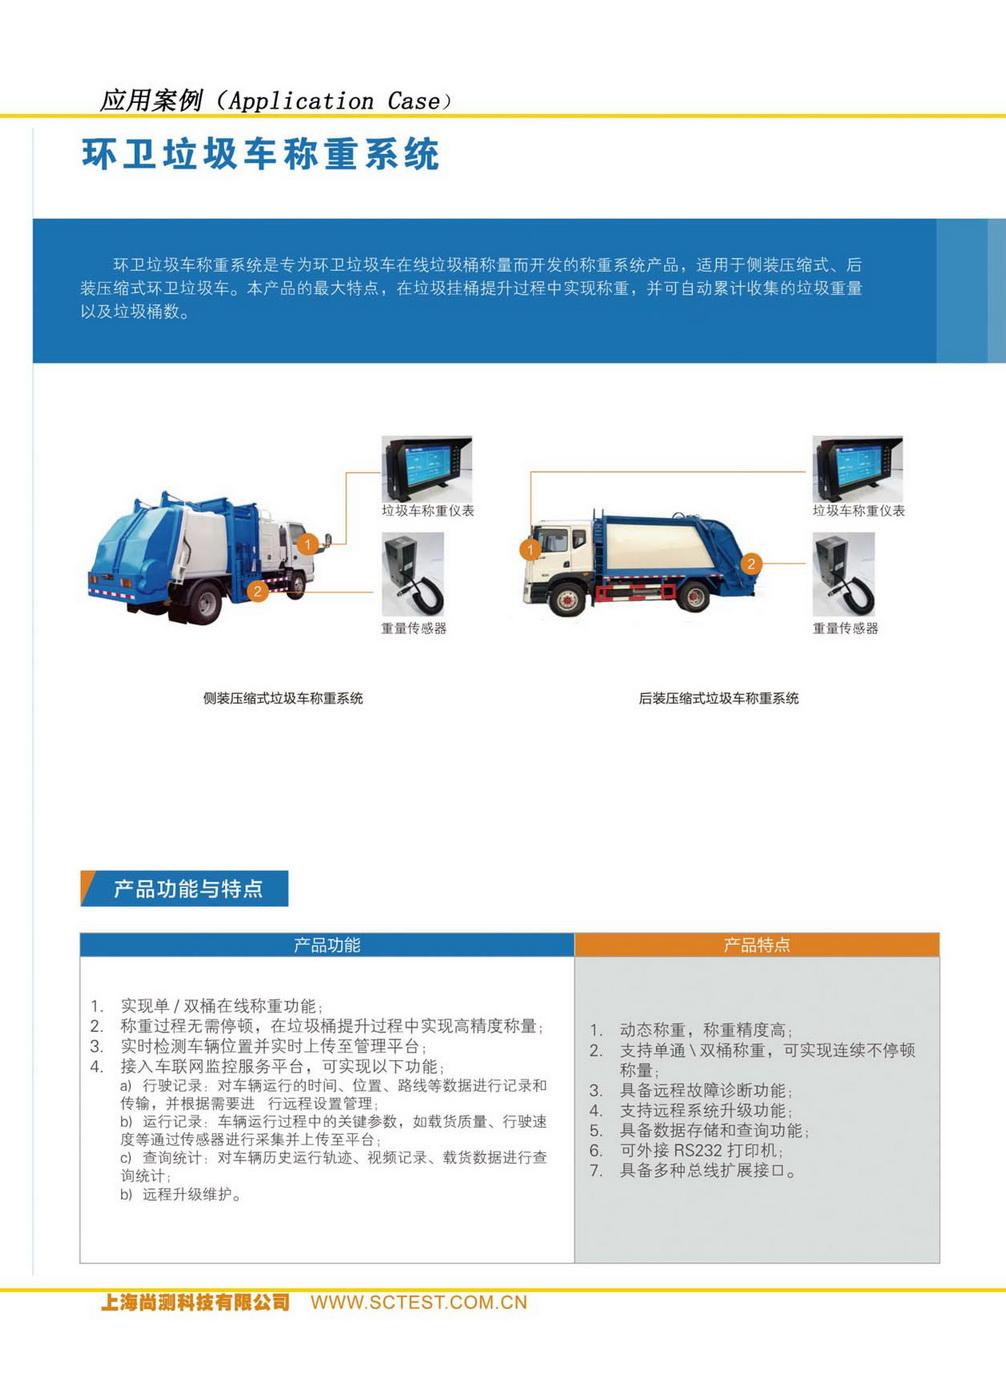 尚测科技产品选型手册 V1.3_页面_89_调整大小.jpg